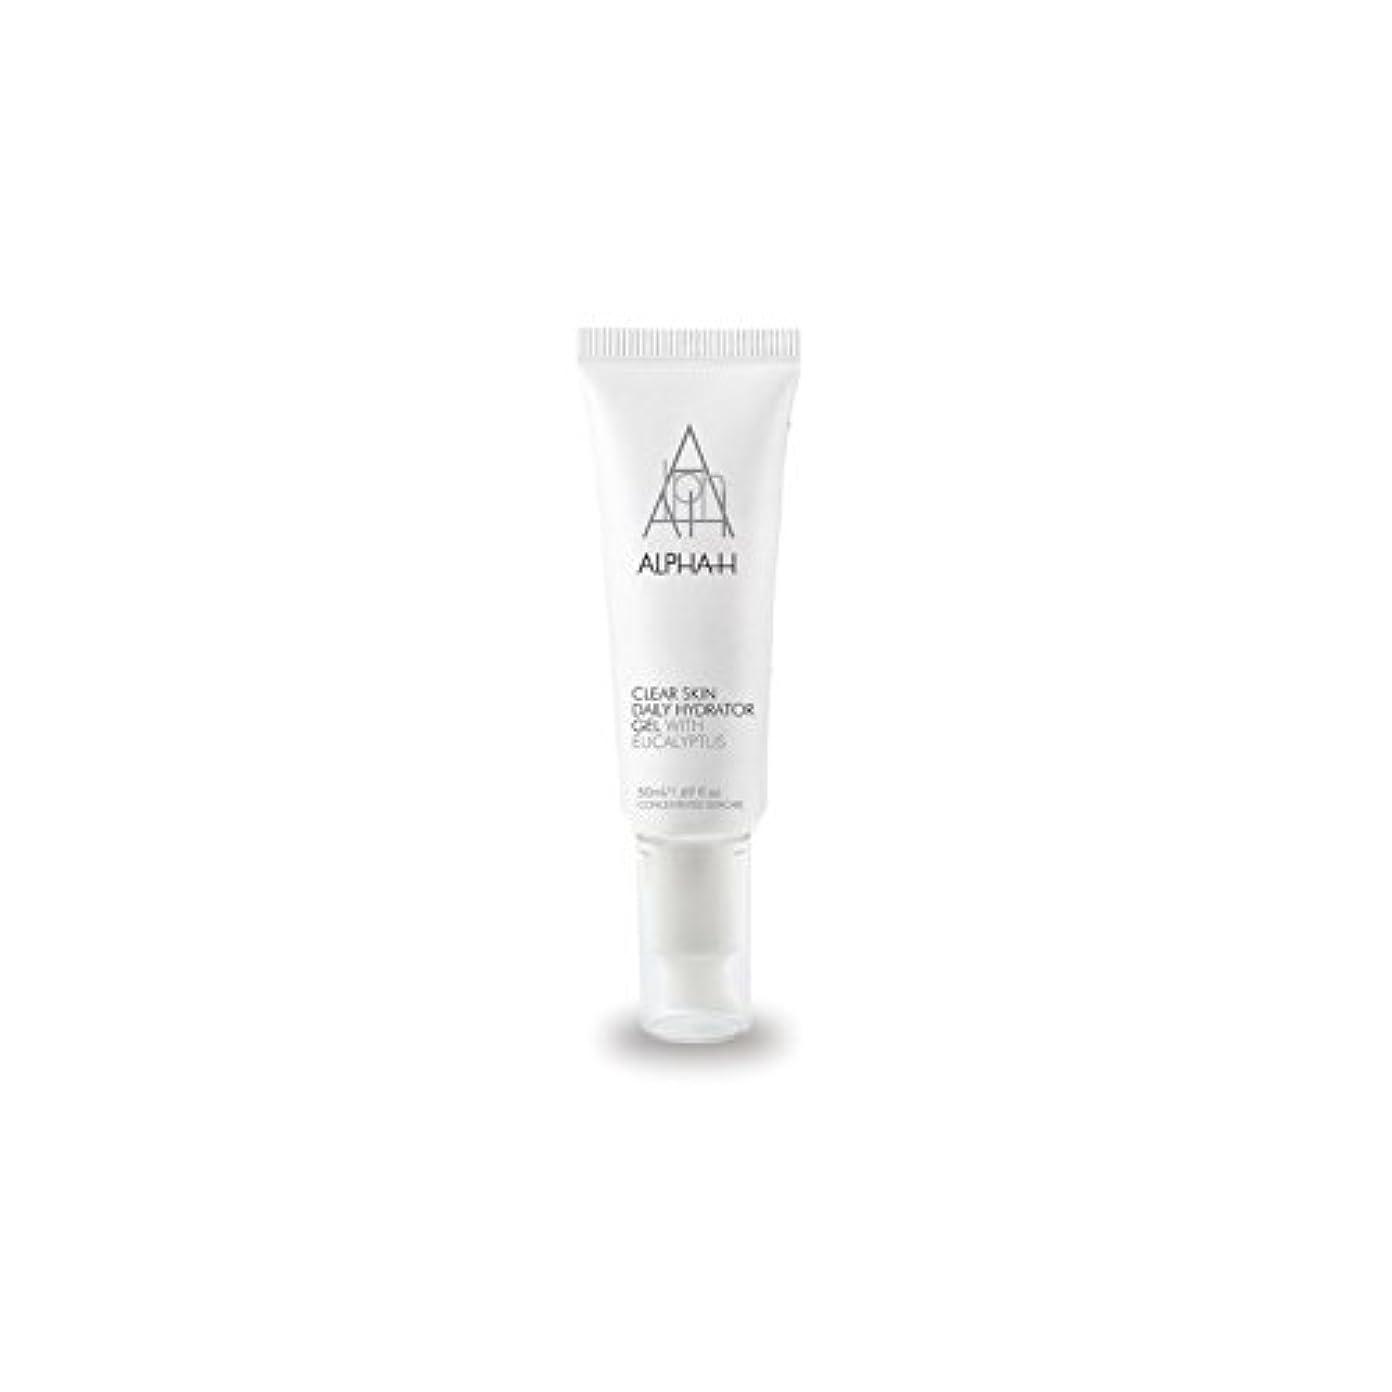 空虚ビジョン竜巻アルファクリア皮膚毎日ハイドレーターゲル(50)中 x4 - Alpha-H Clear Skin Daily Hydrator Gel (50ml) (Pack of 4) [並行輸入品]